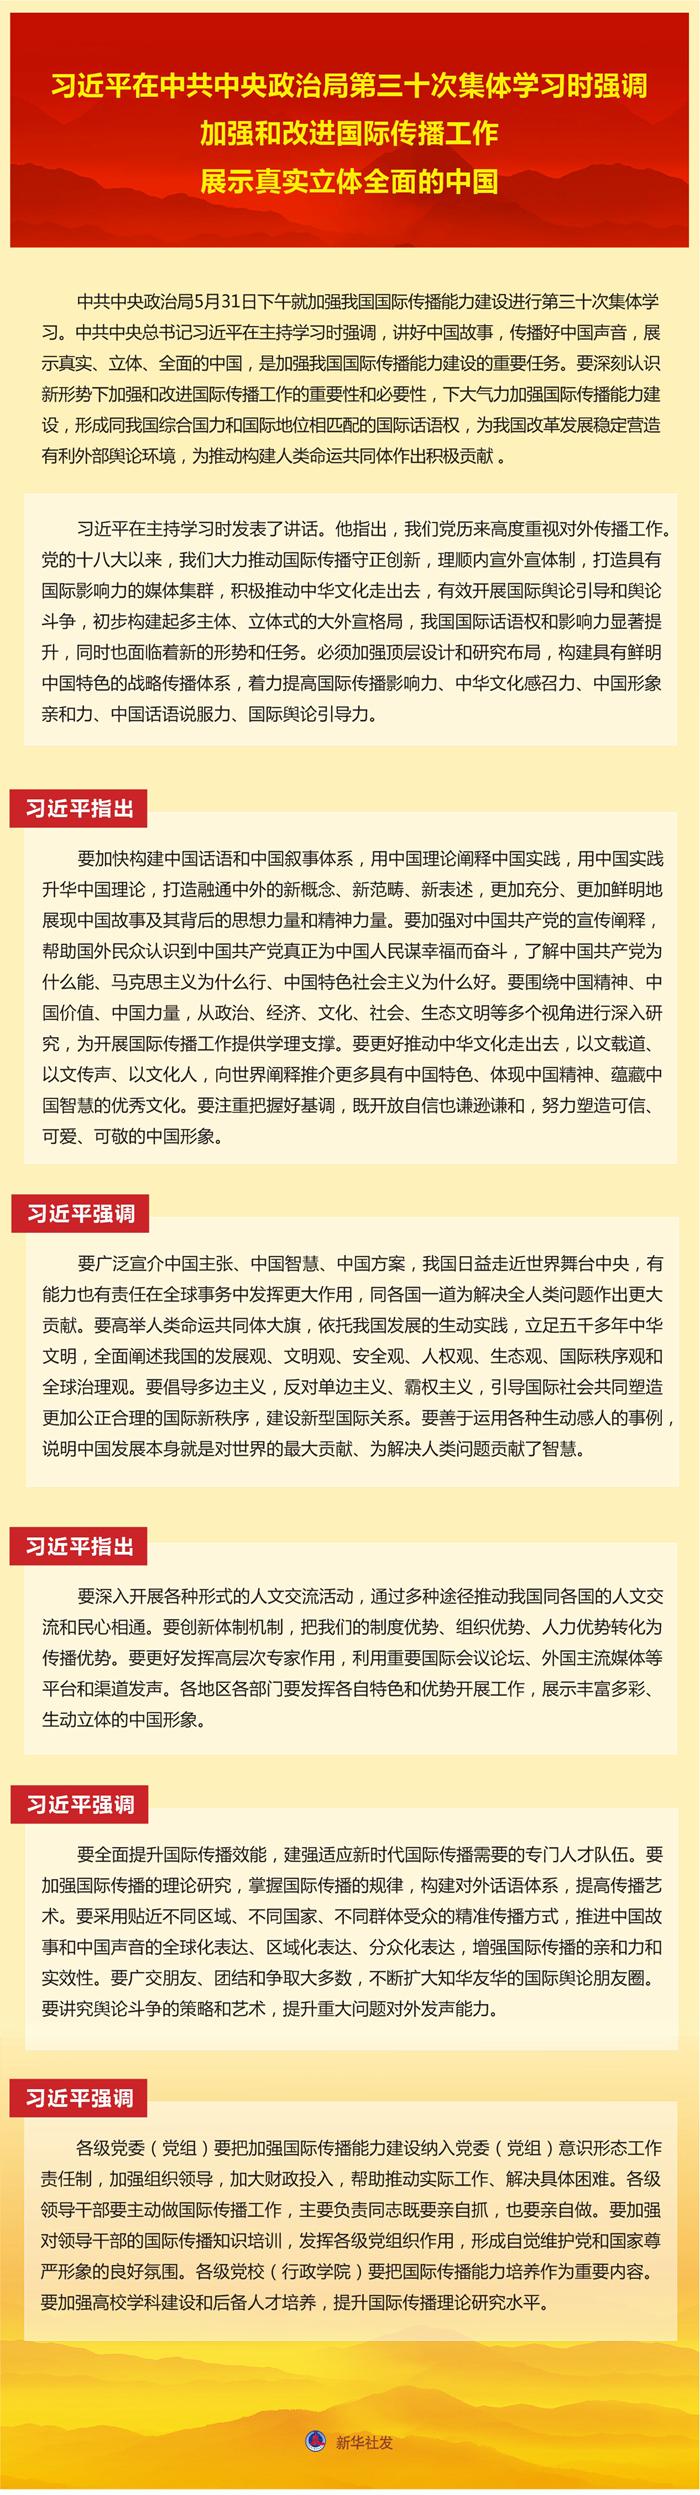 南阳市党史进修教导常识比赛预赛炽热停止中── 以赛促学 以学促赛